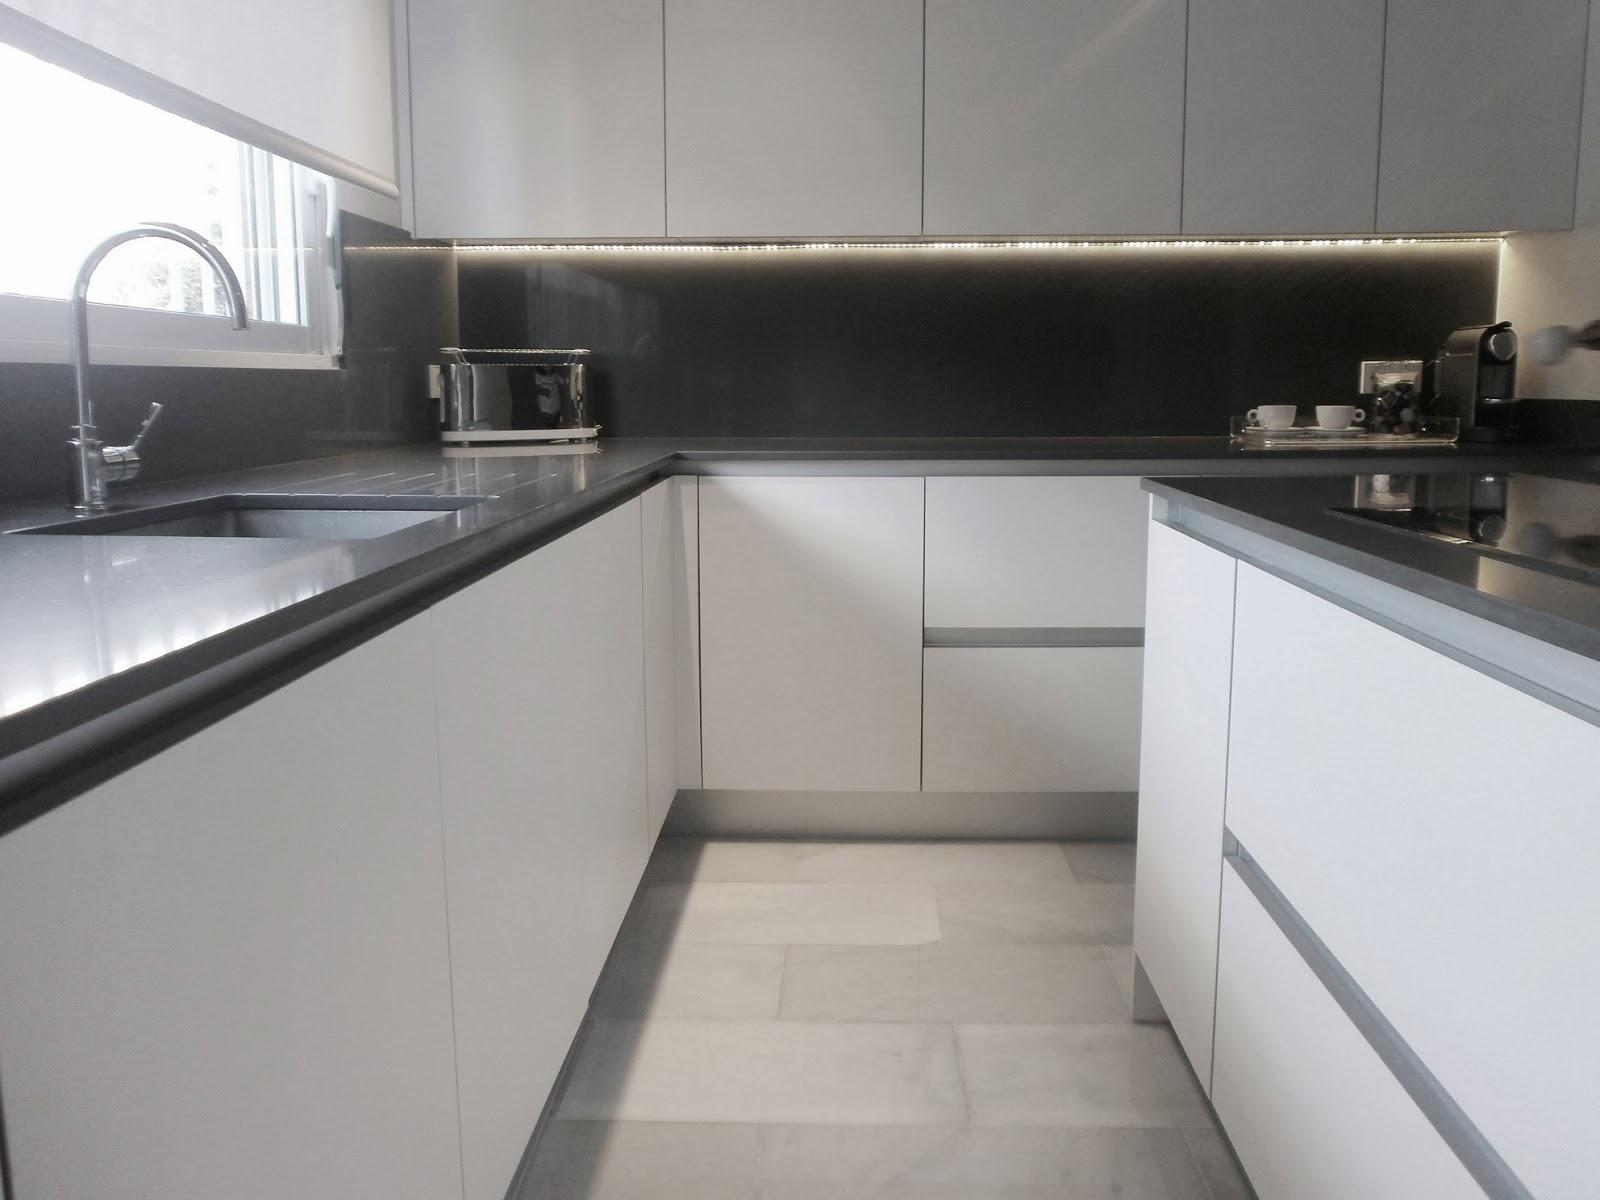 Encantadora cocina blanca independiente con isla y office - Cocina blanca y gris ...